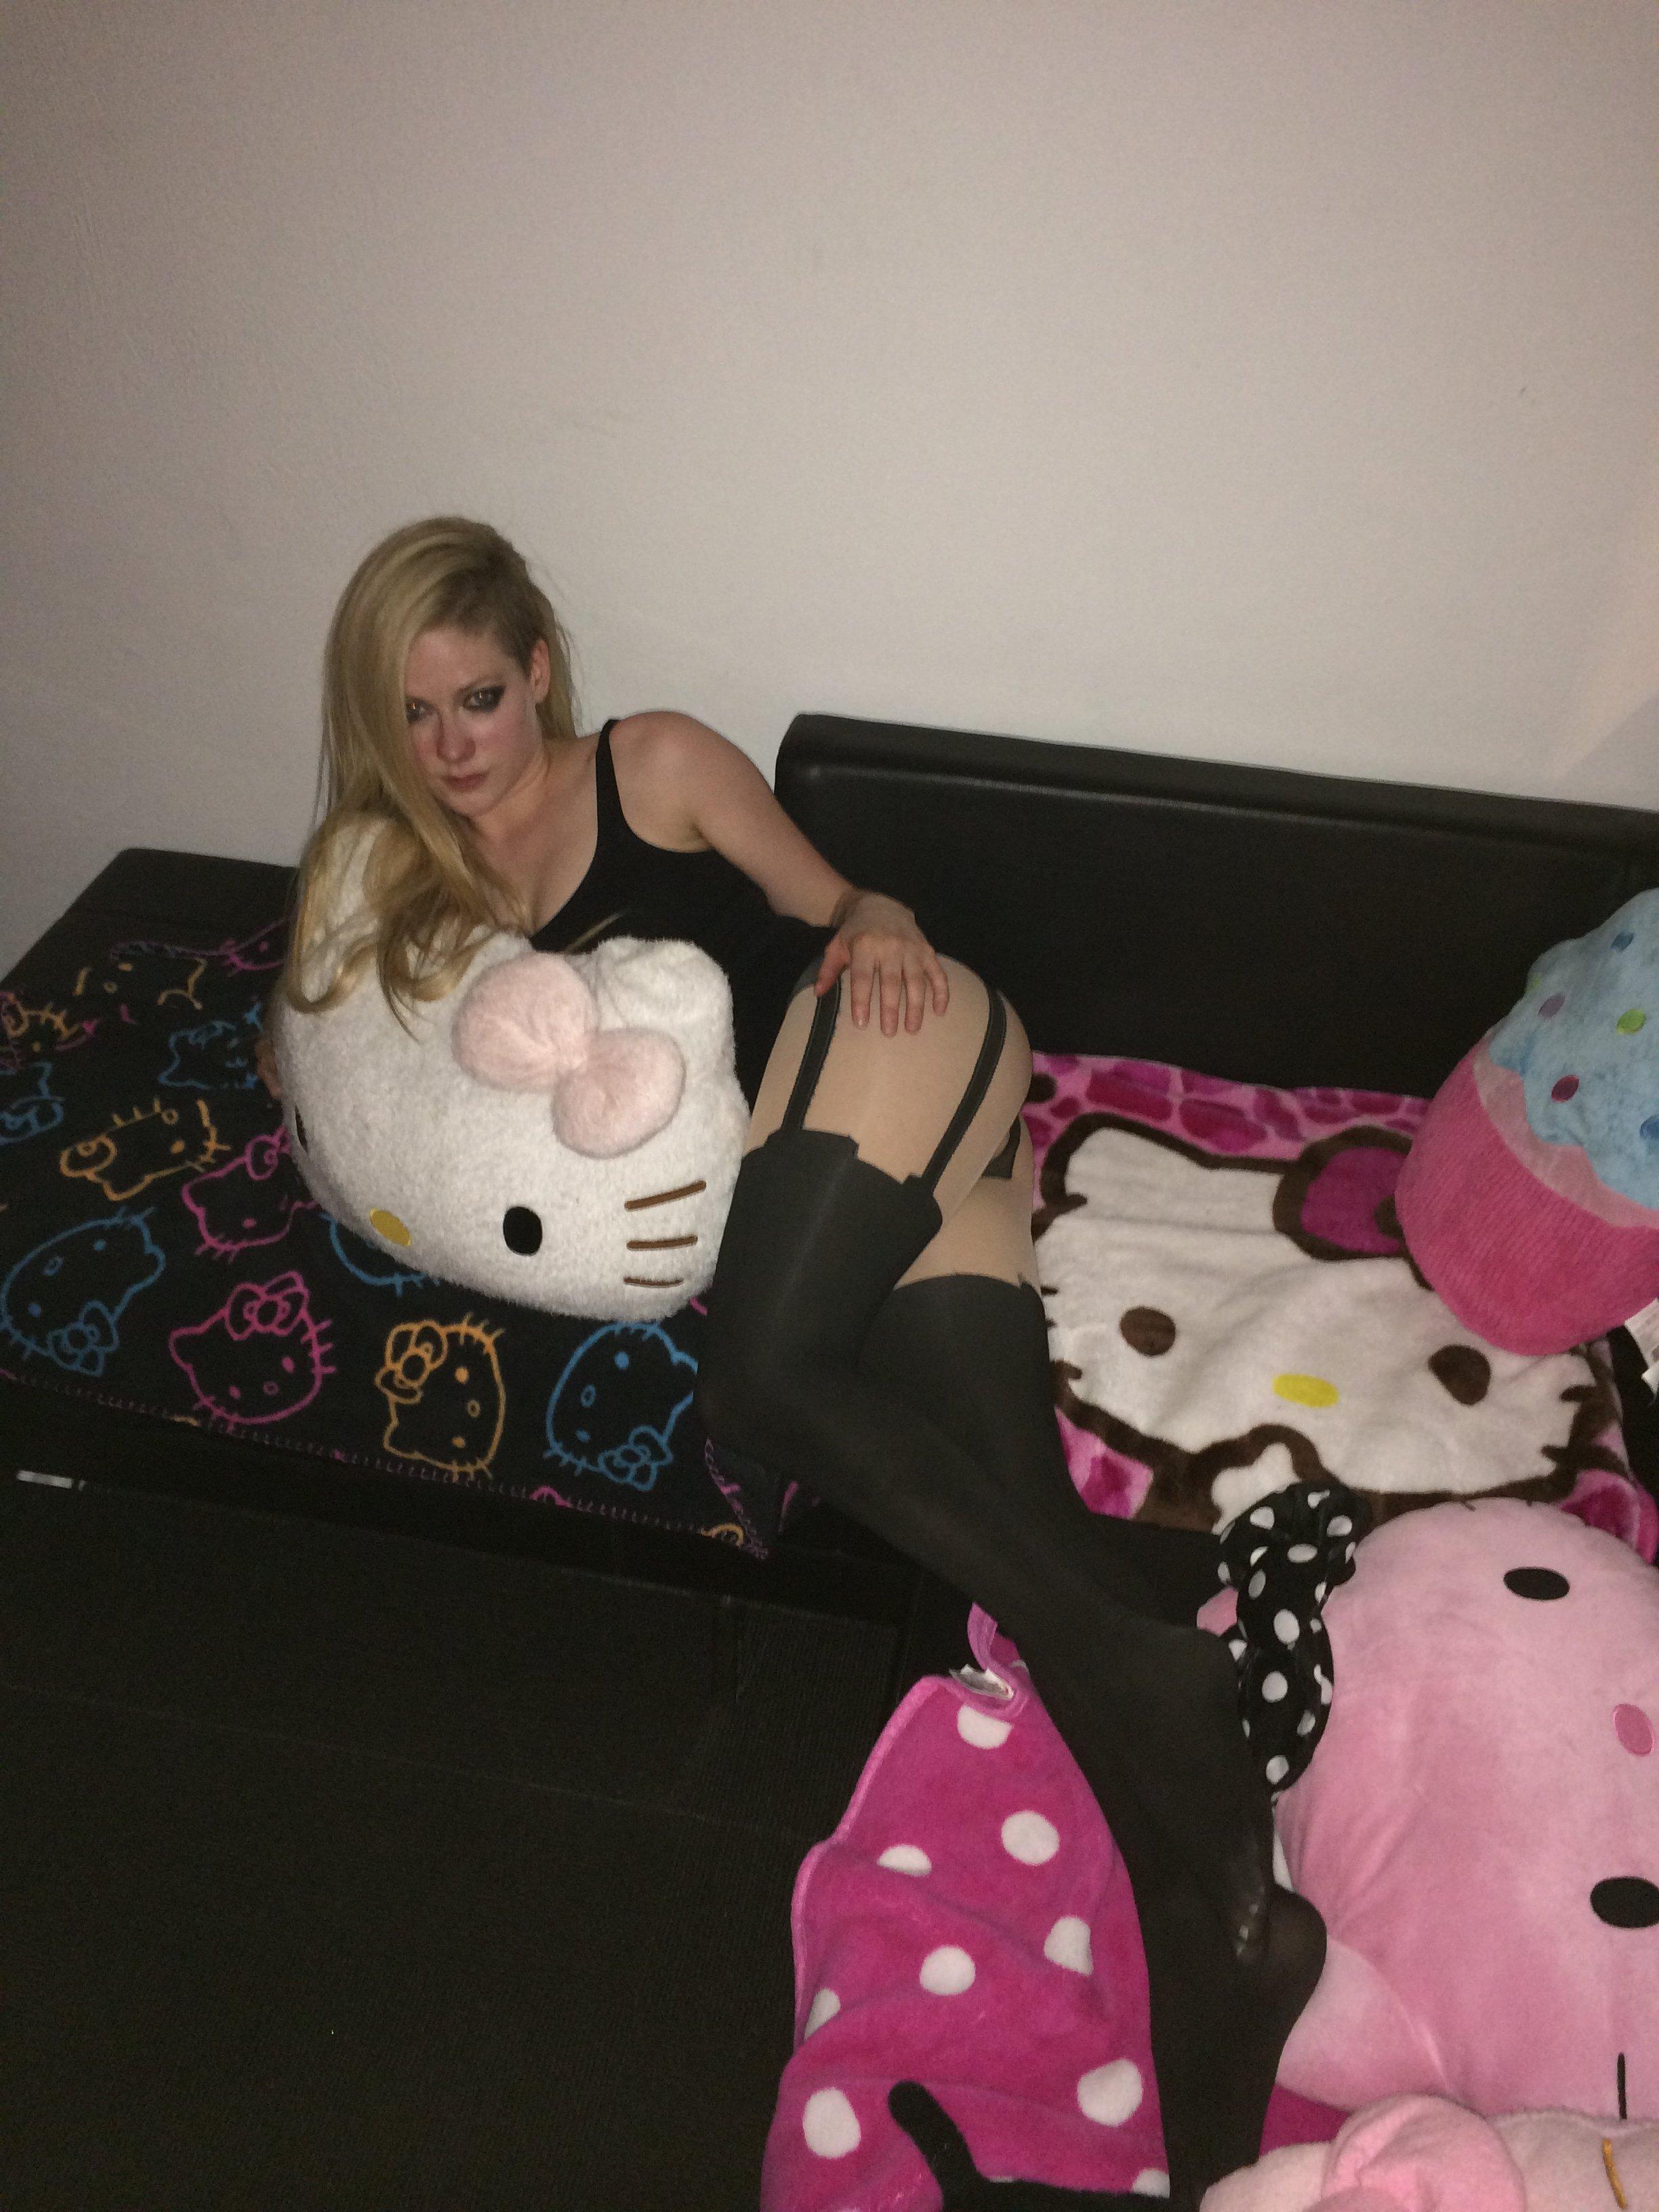 Avril Lavigne booty